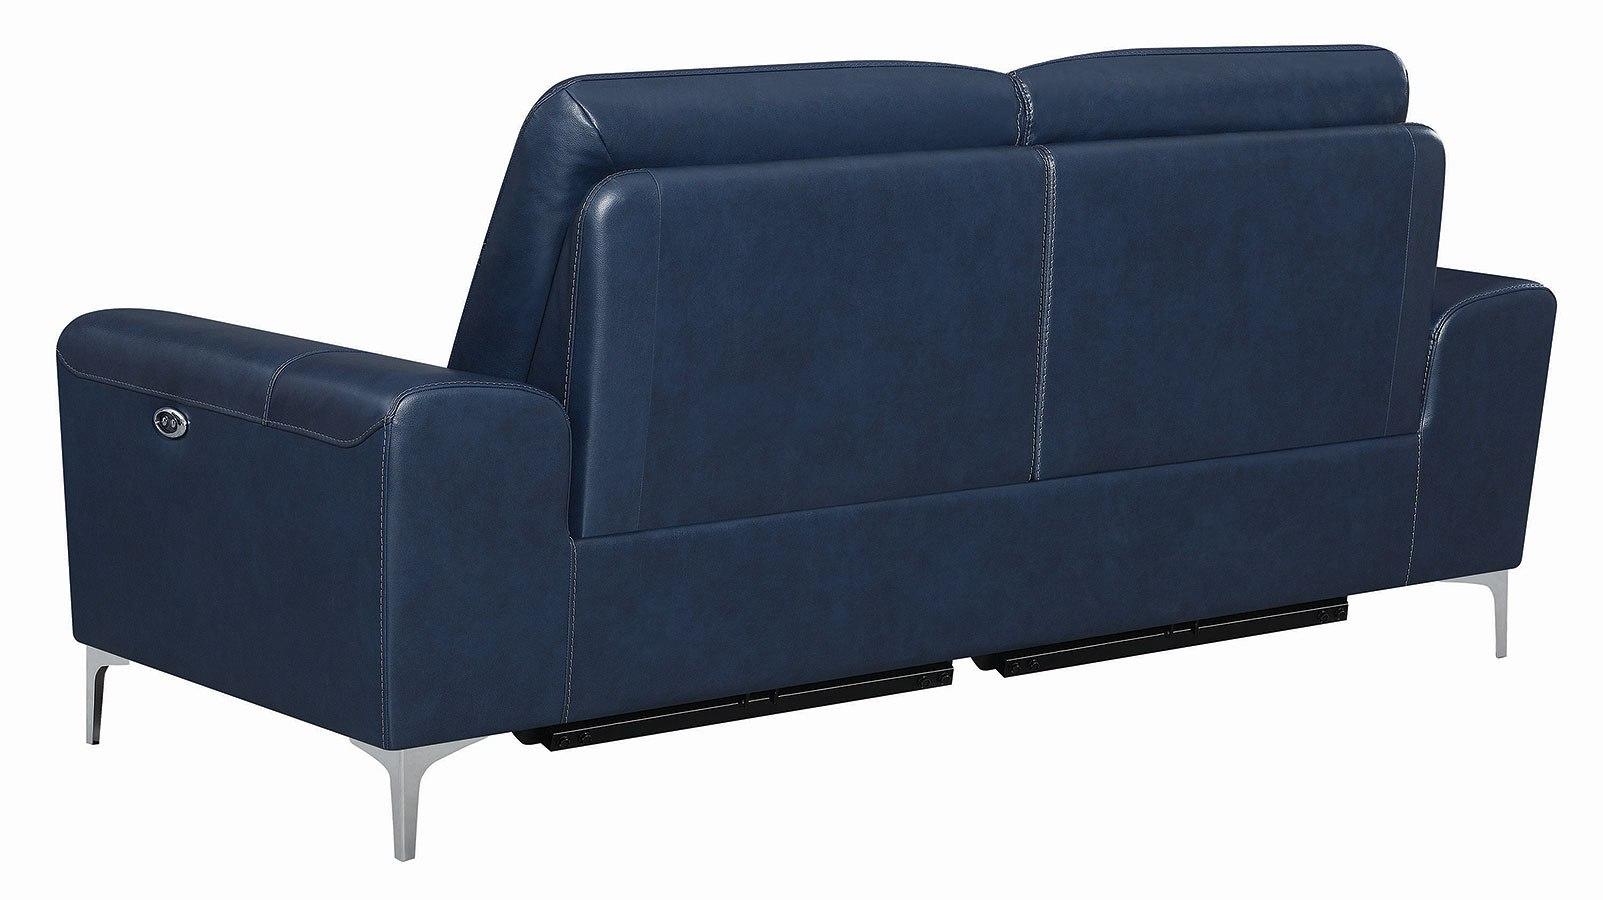 Astounding Largo Power Reclining Sofa Ink Blue Alphanode Cool Chair Designs And Ideas Alphanodeonline